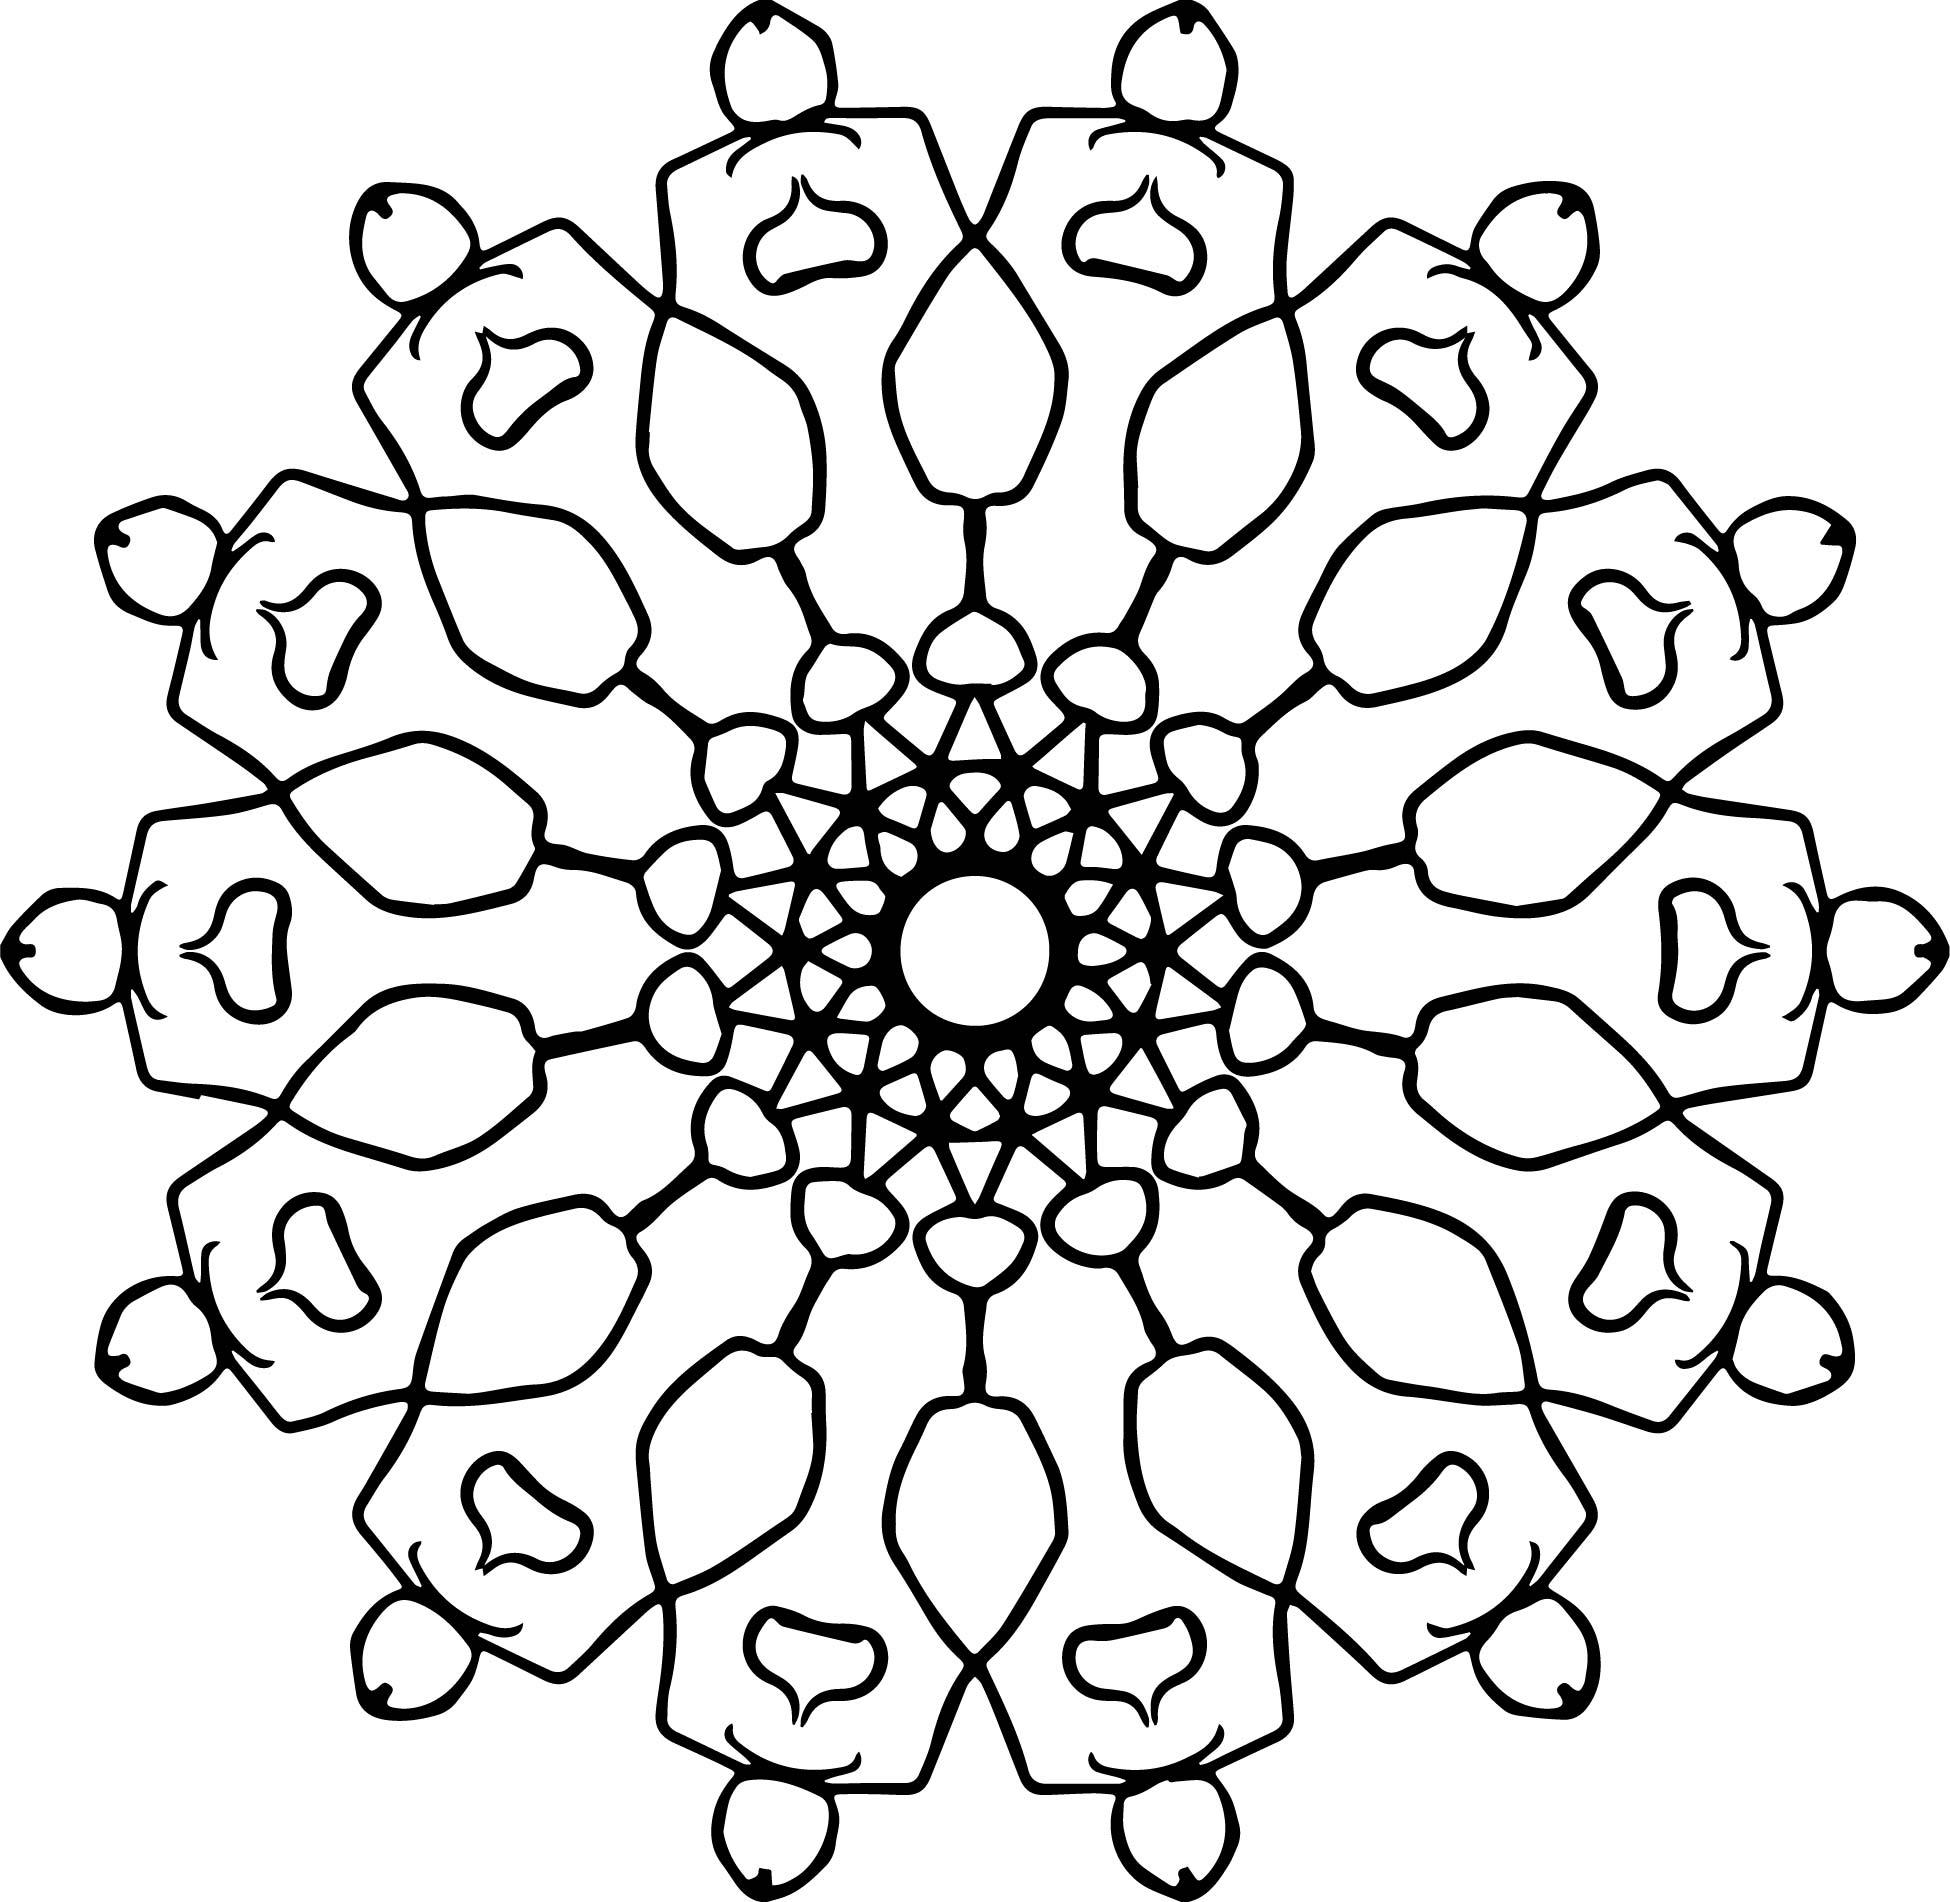 A Mandala Coloring Page